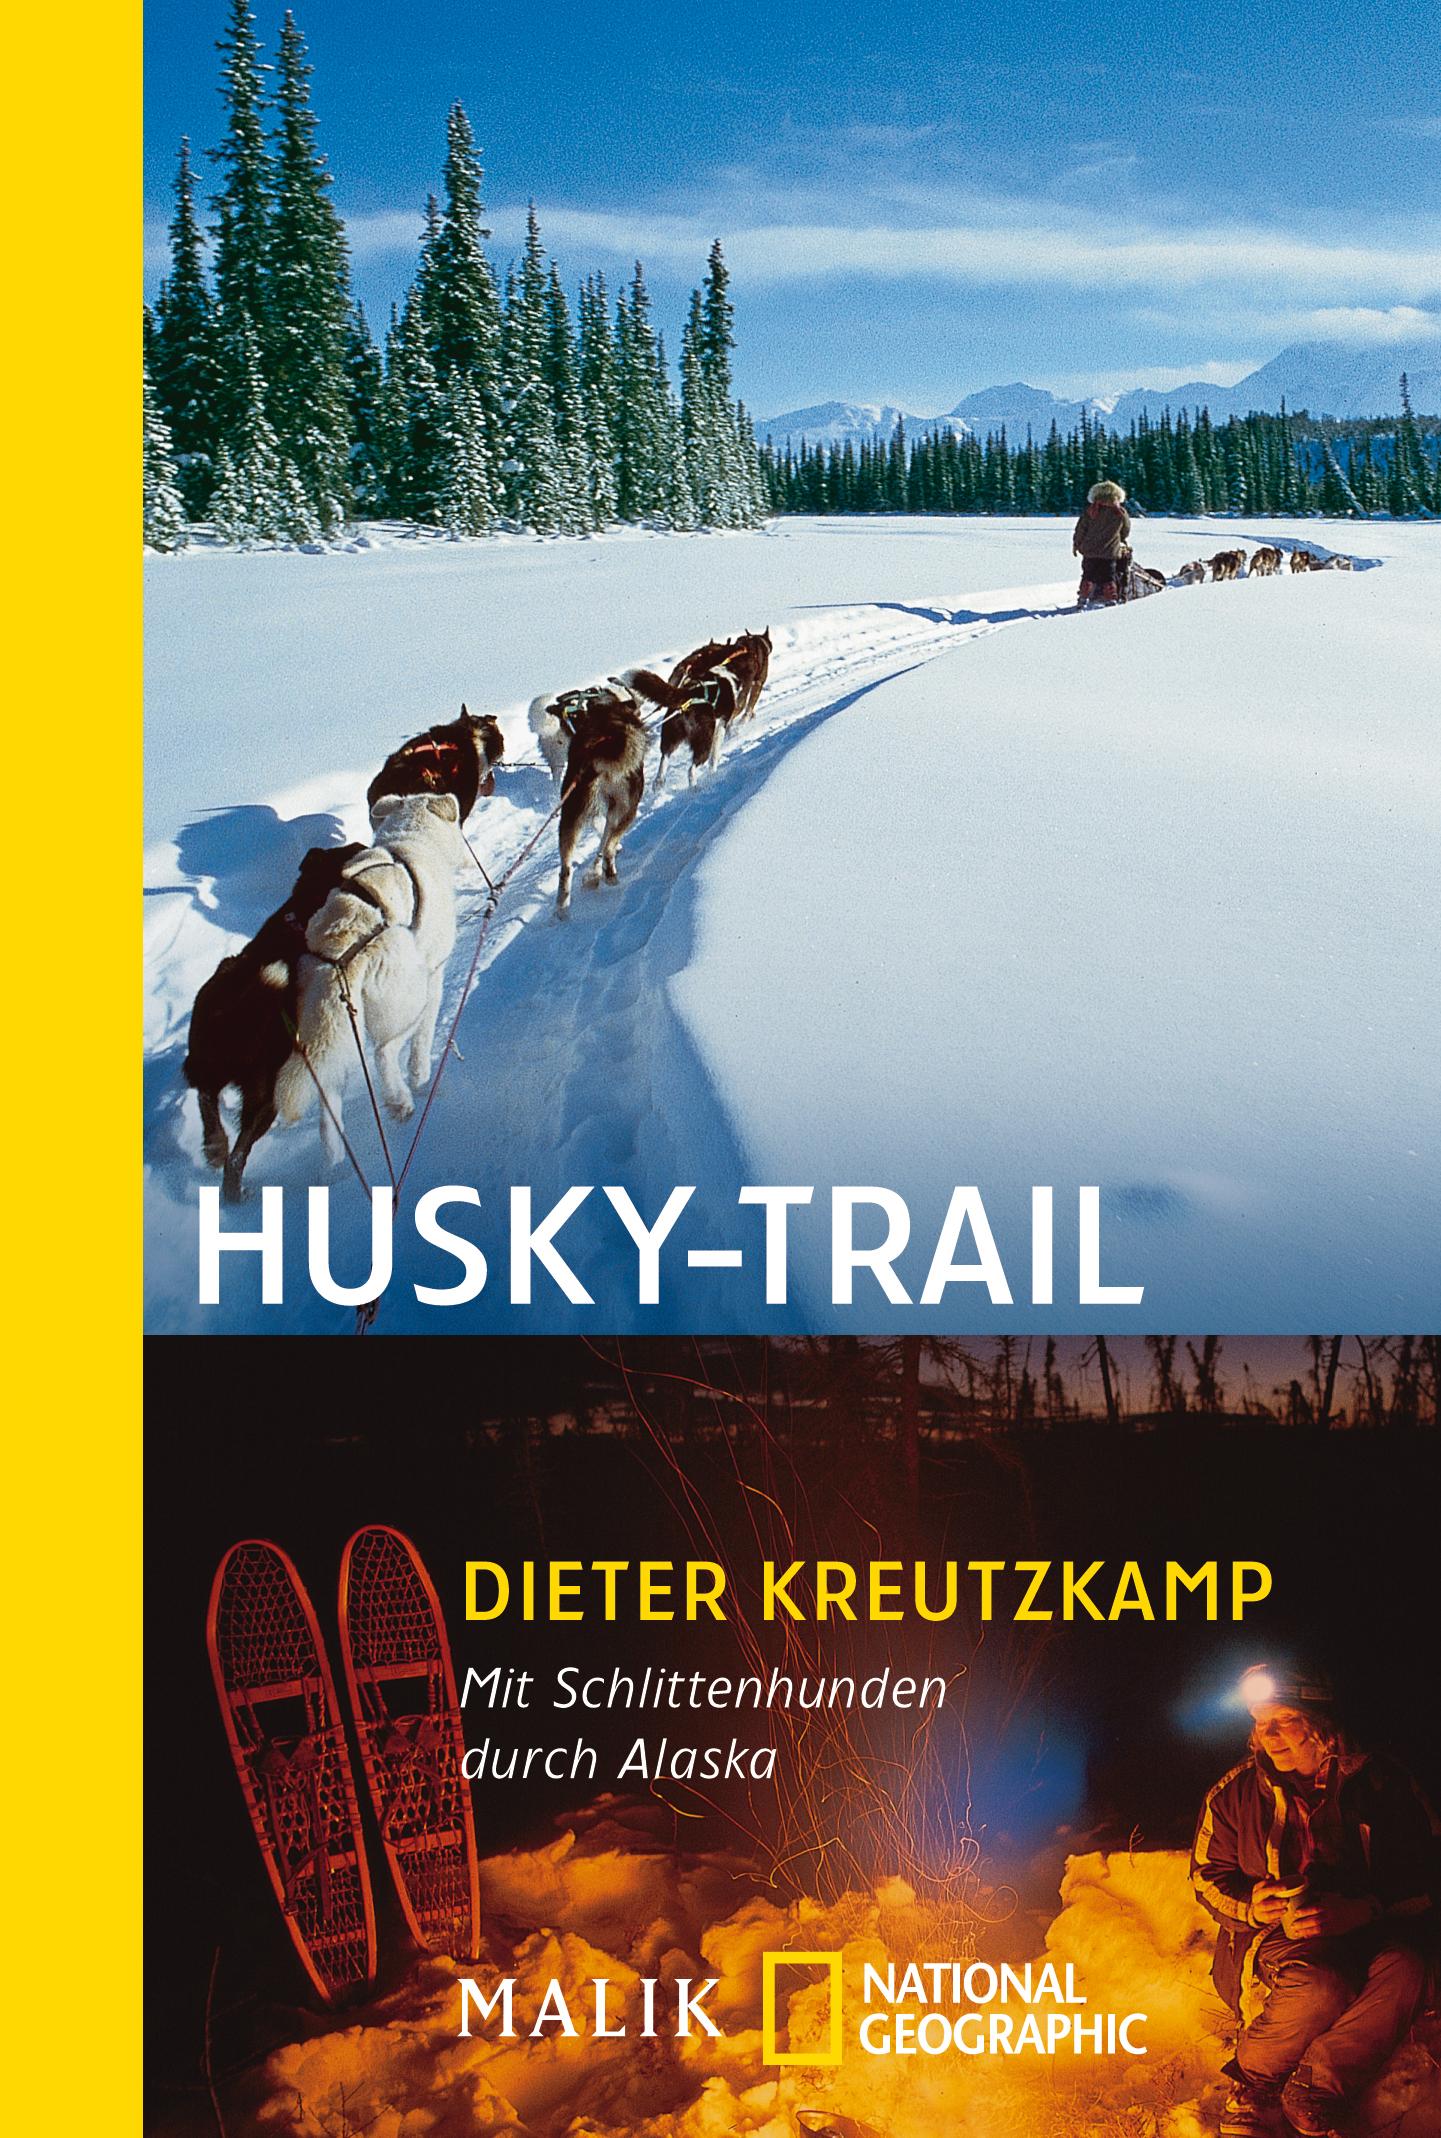 Husky-Trail: Mit Schlittenhunden durch Alaska - Dieter Kreutzkamp